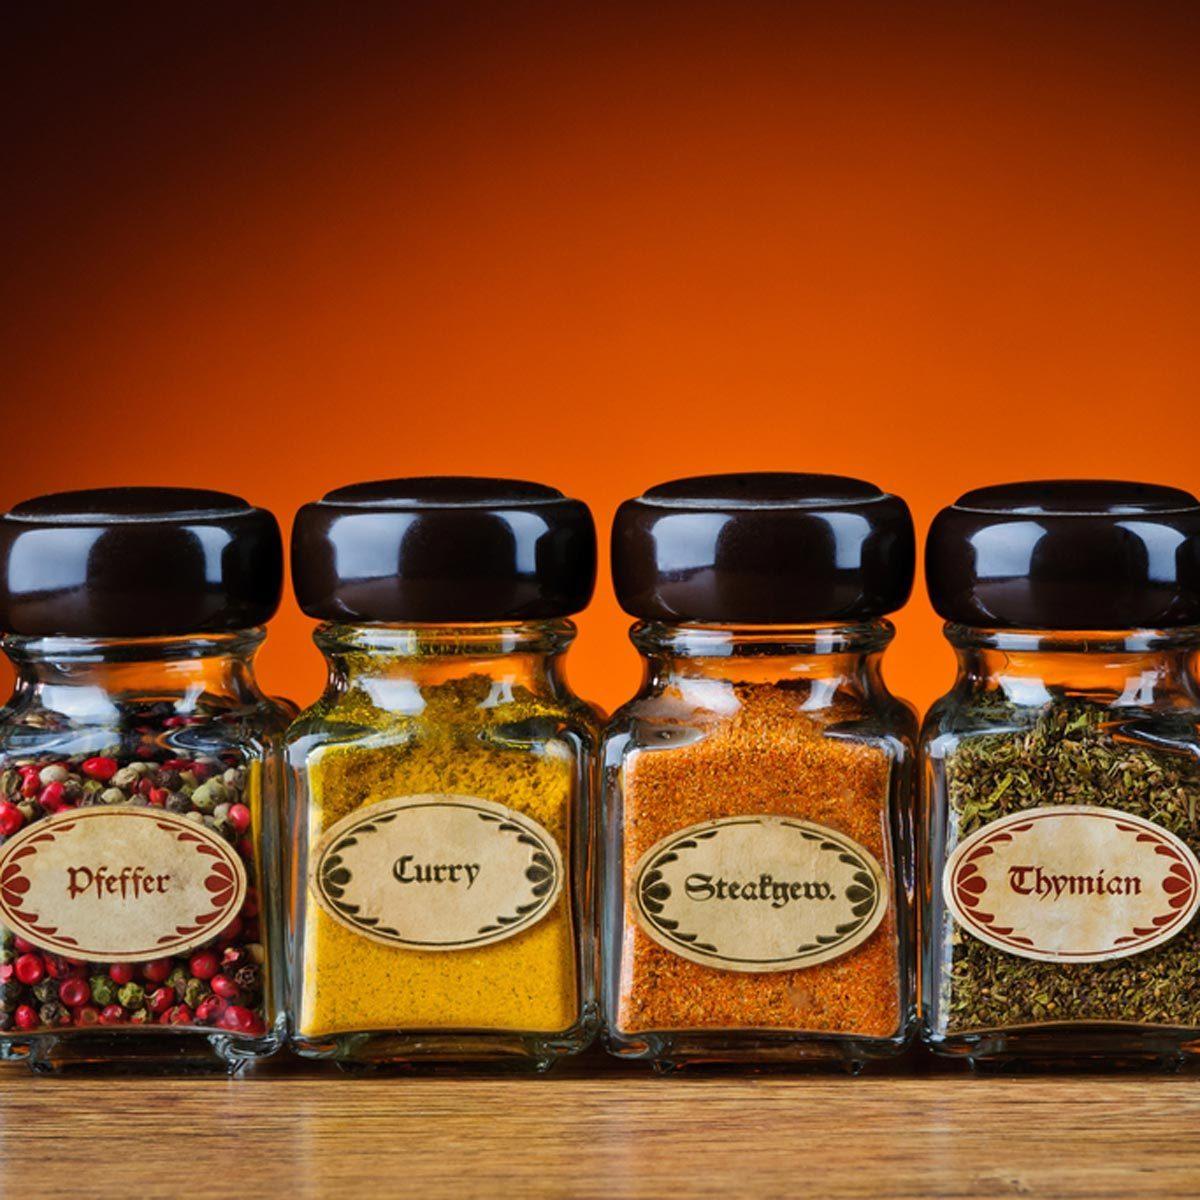 Make Spice Labels